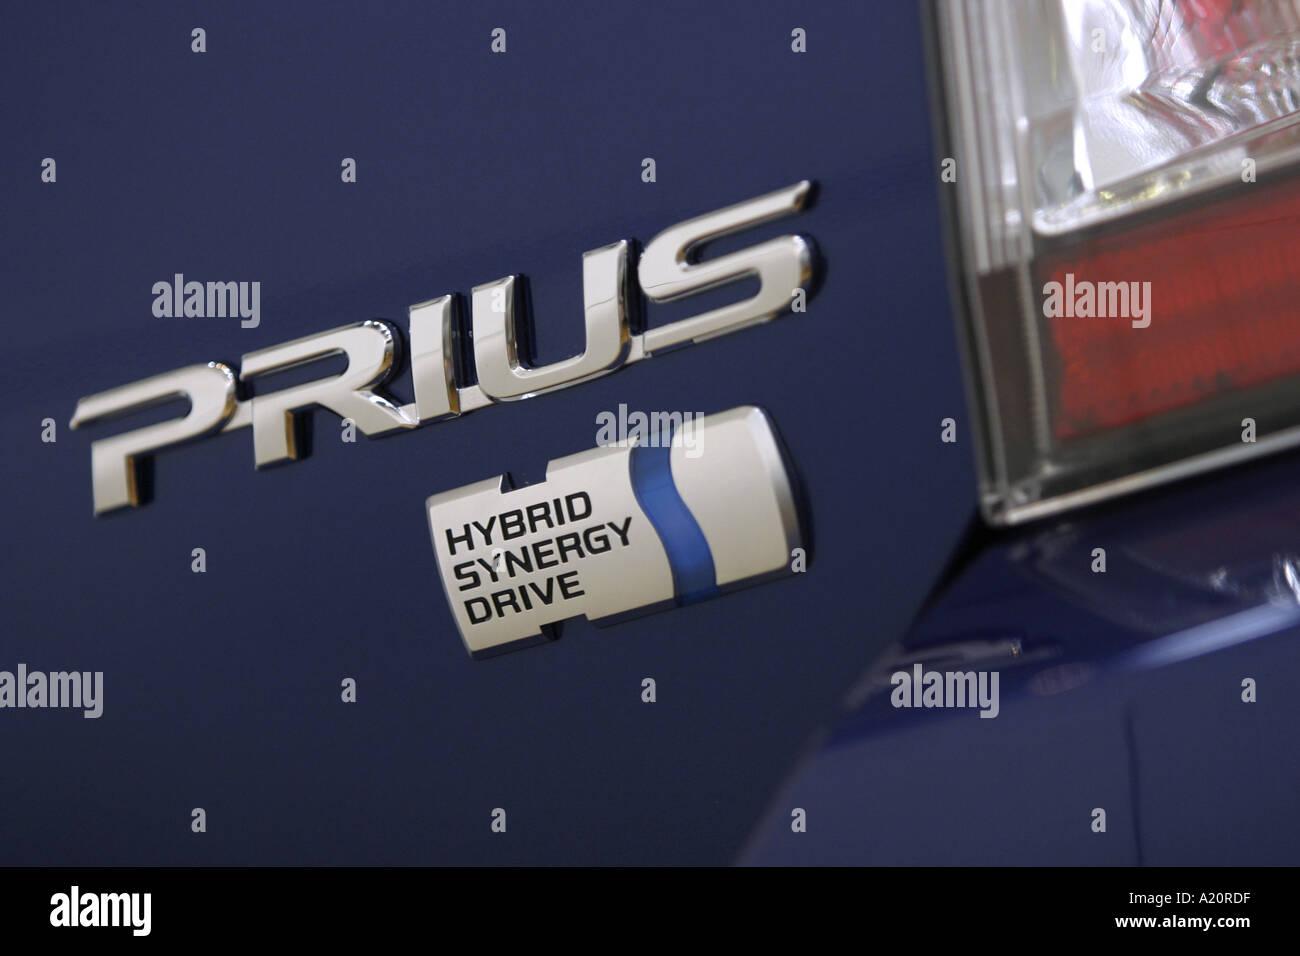 Toyota Prius ibrida veicolo motore Immagini Stock